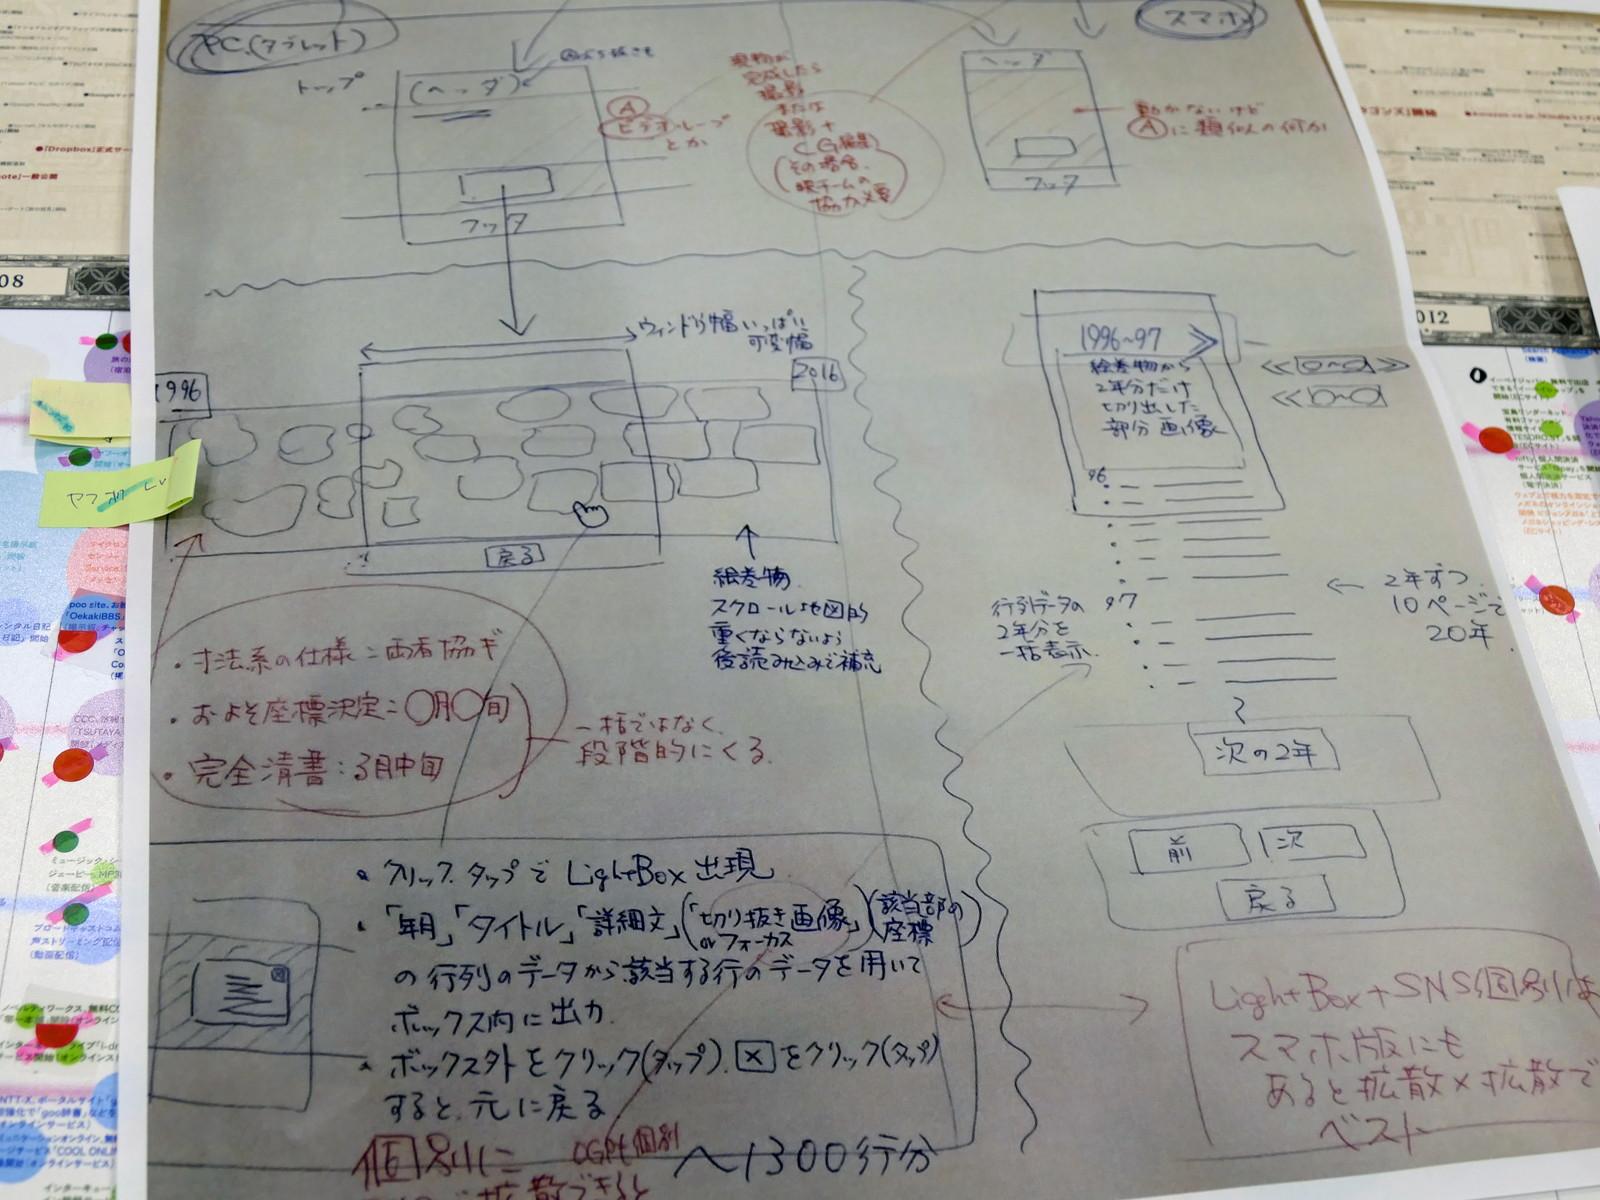 徳應氏が設計1日目に書いたラフ。縦スクロールで表示するレイアウトも考えていた